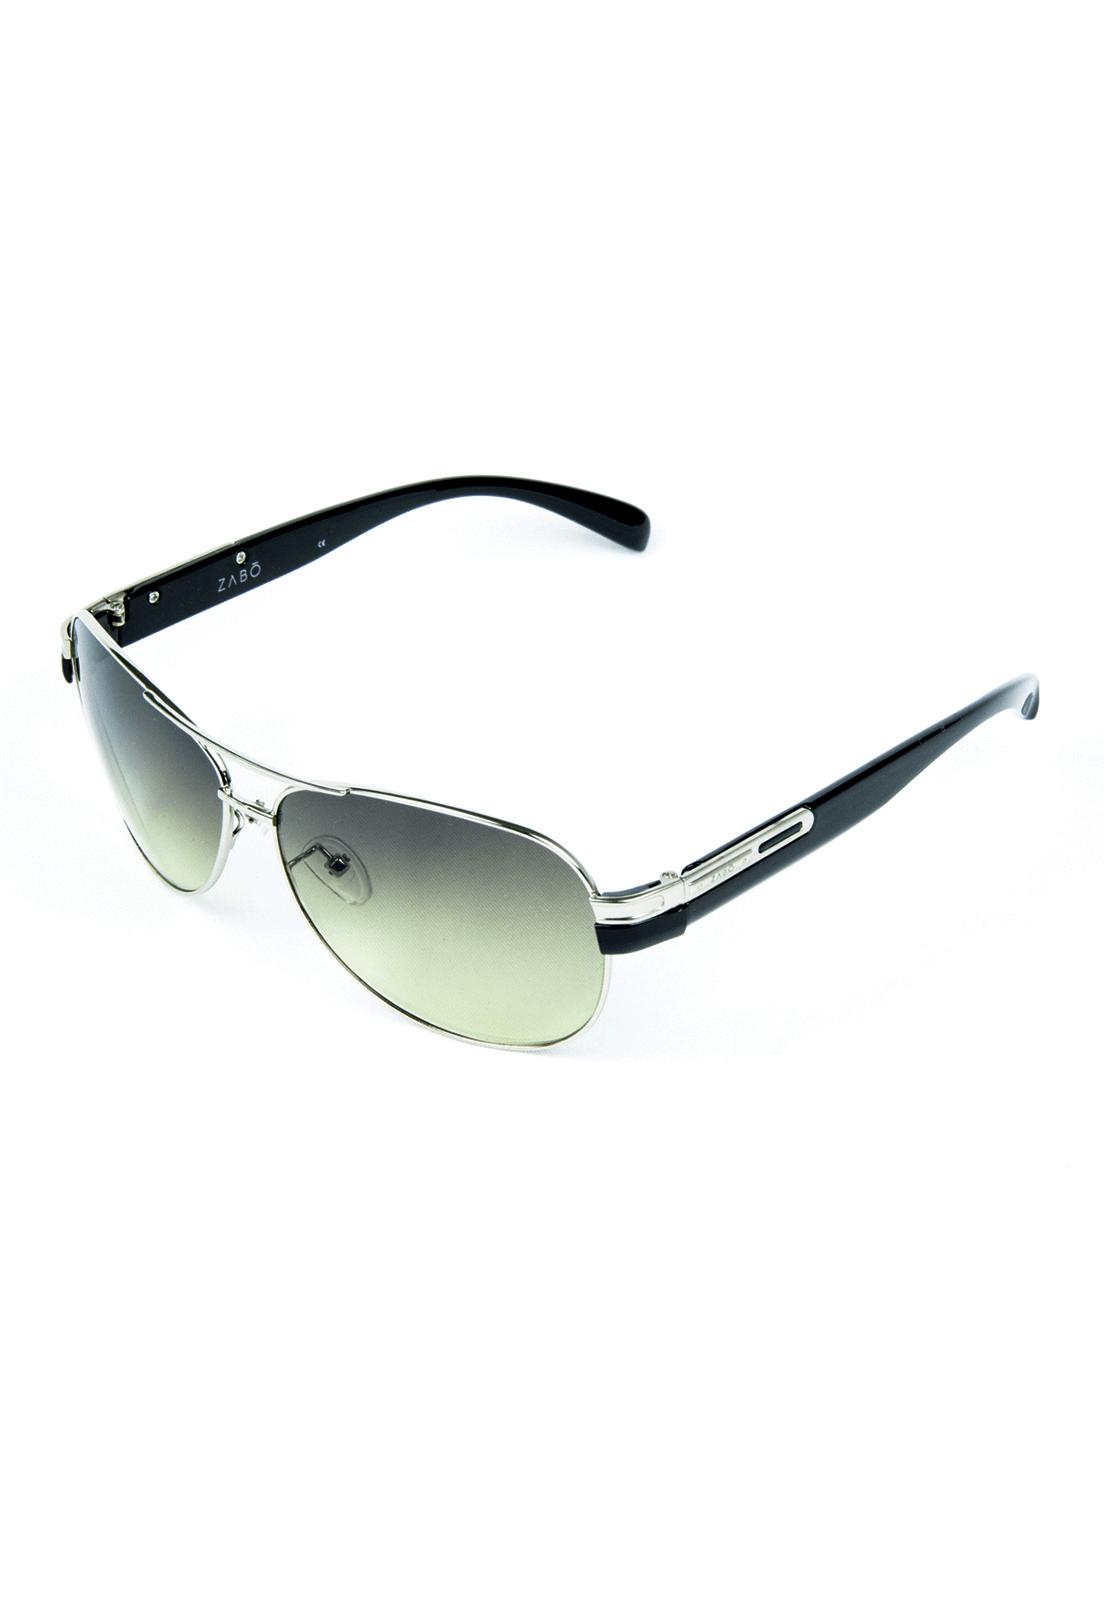 Óculos de Sol com Anti Reflexo em Metal Zabô Dublin Prata